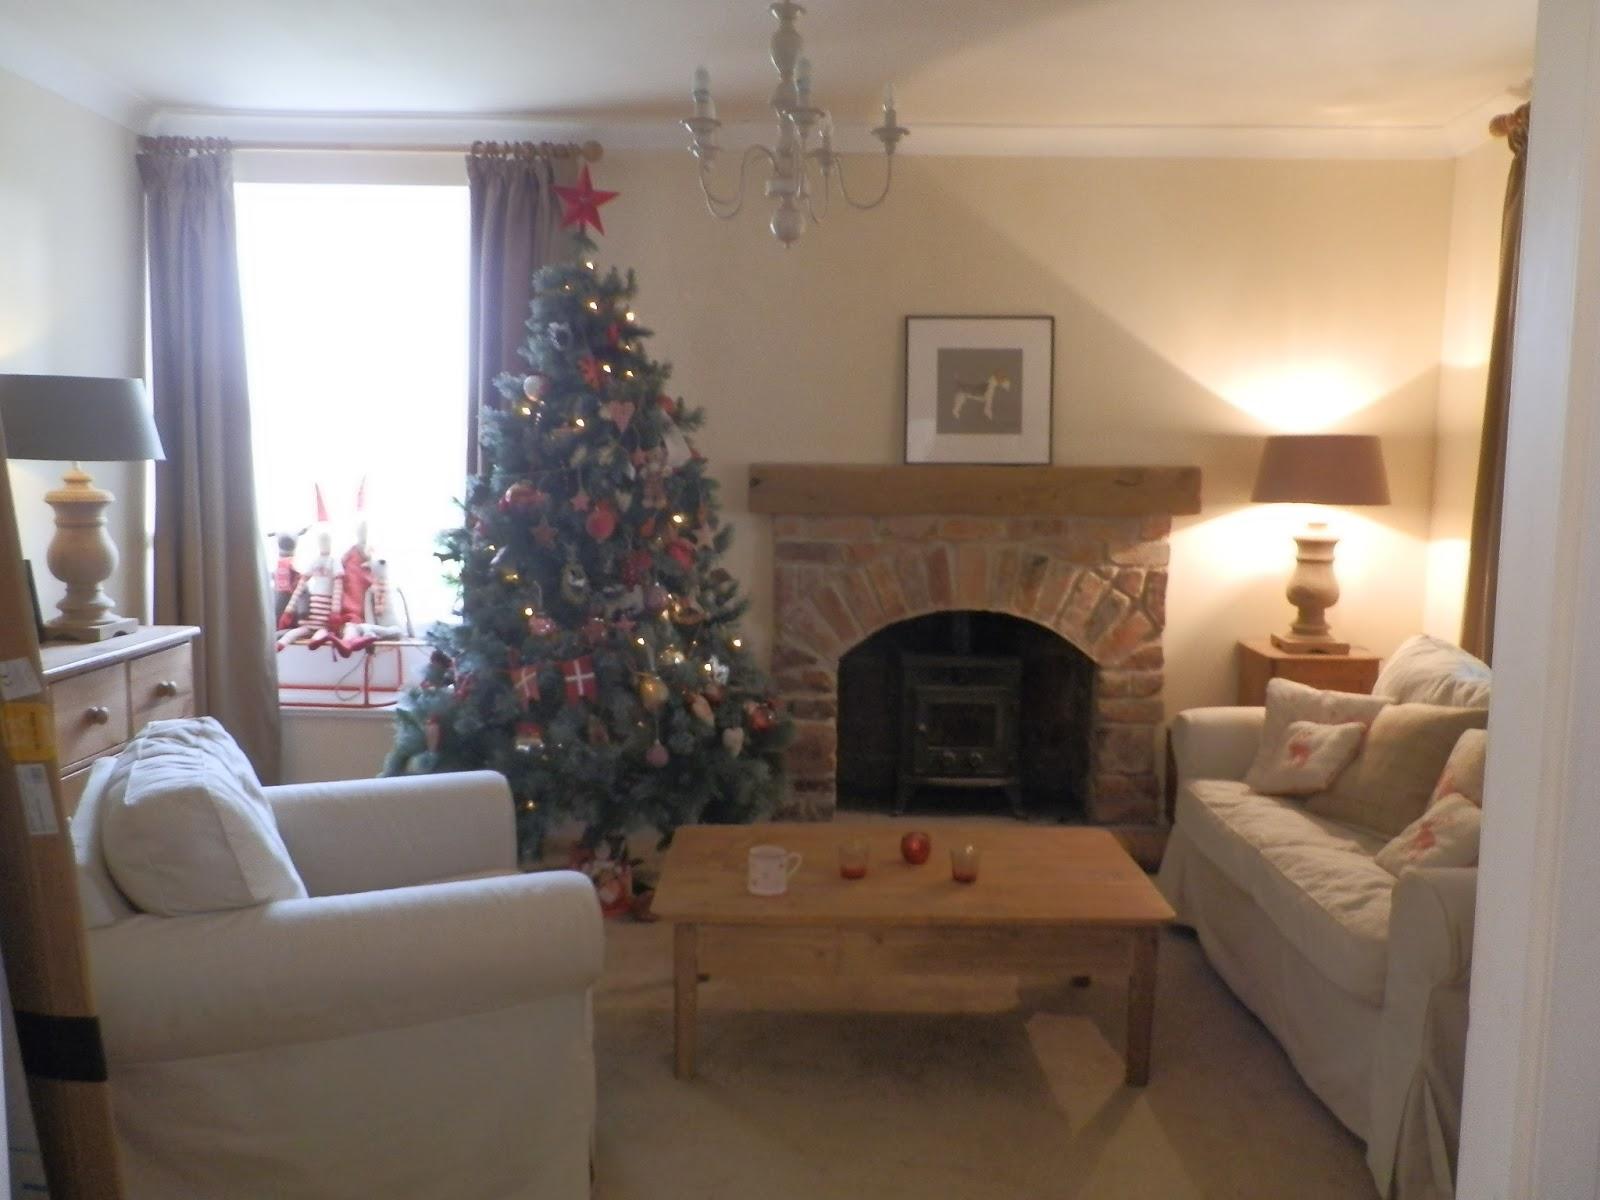 Steptoes Living Room